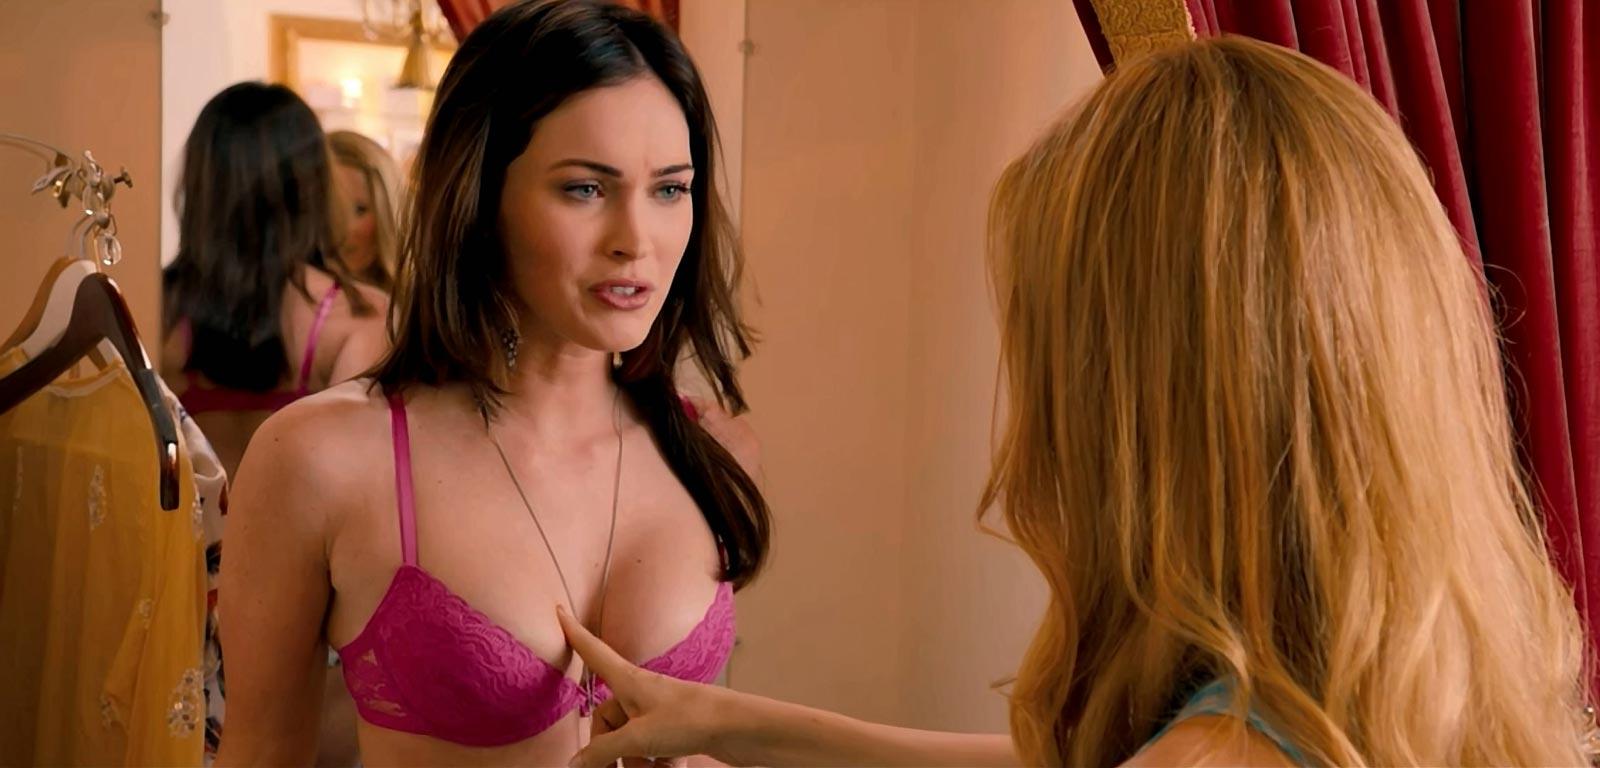 Позирующие эротическое видео онлайн с голливудом фон тиз